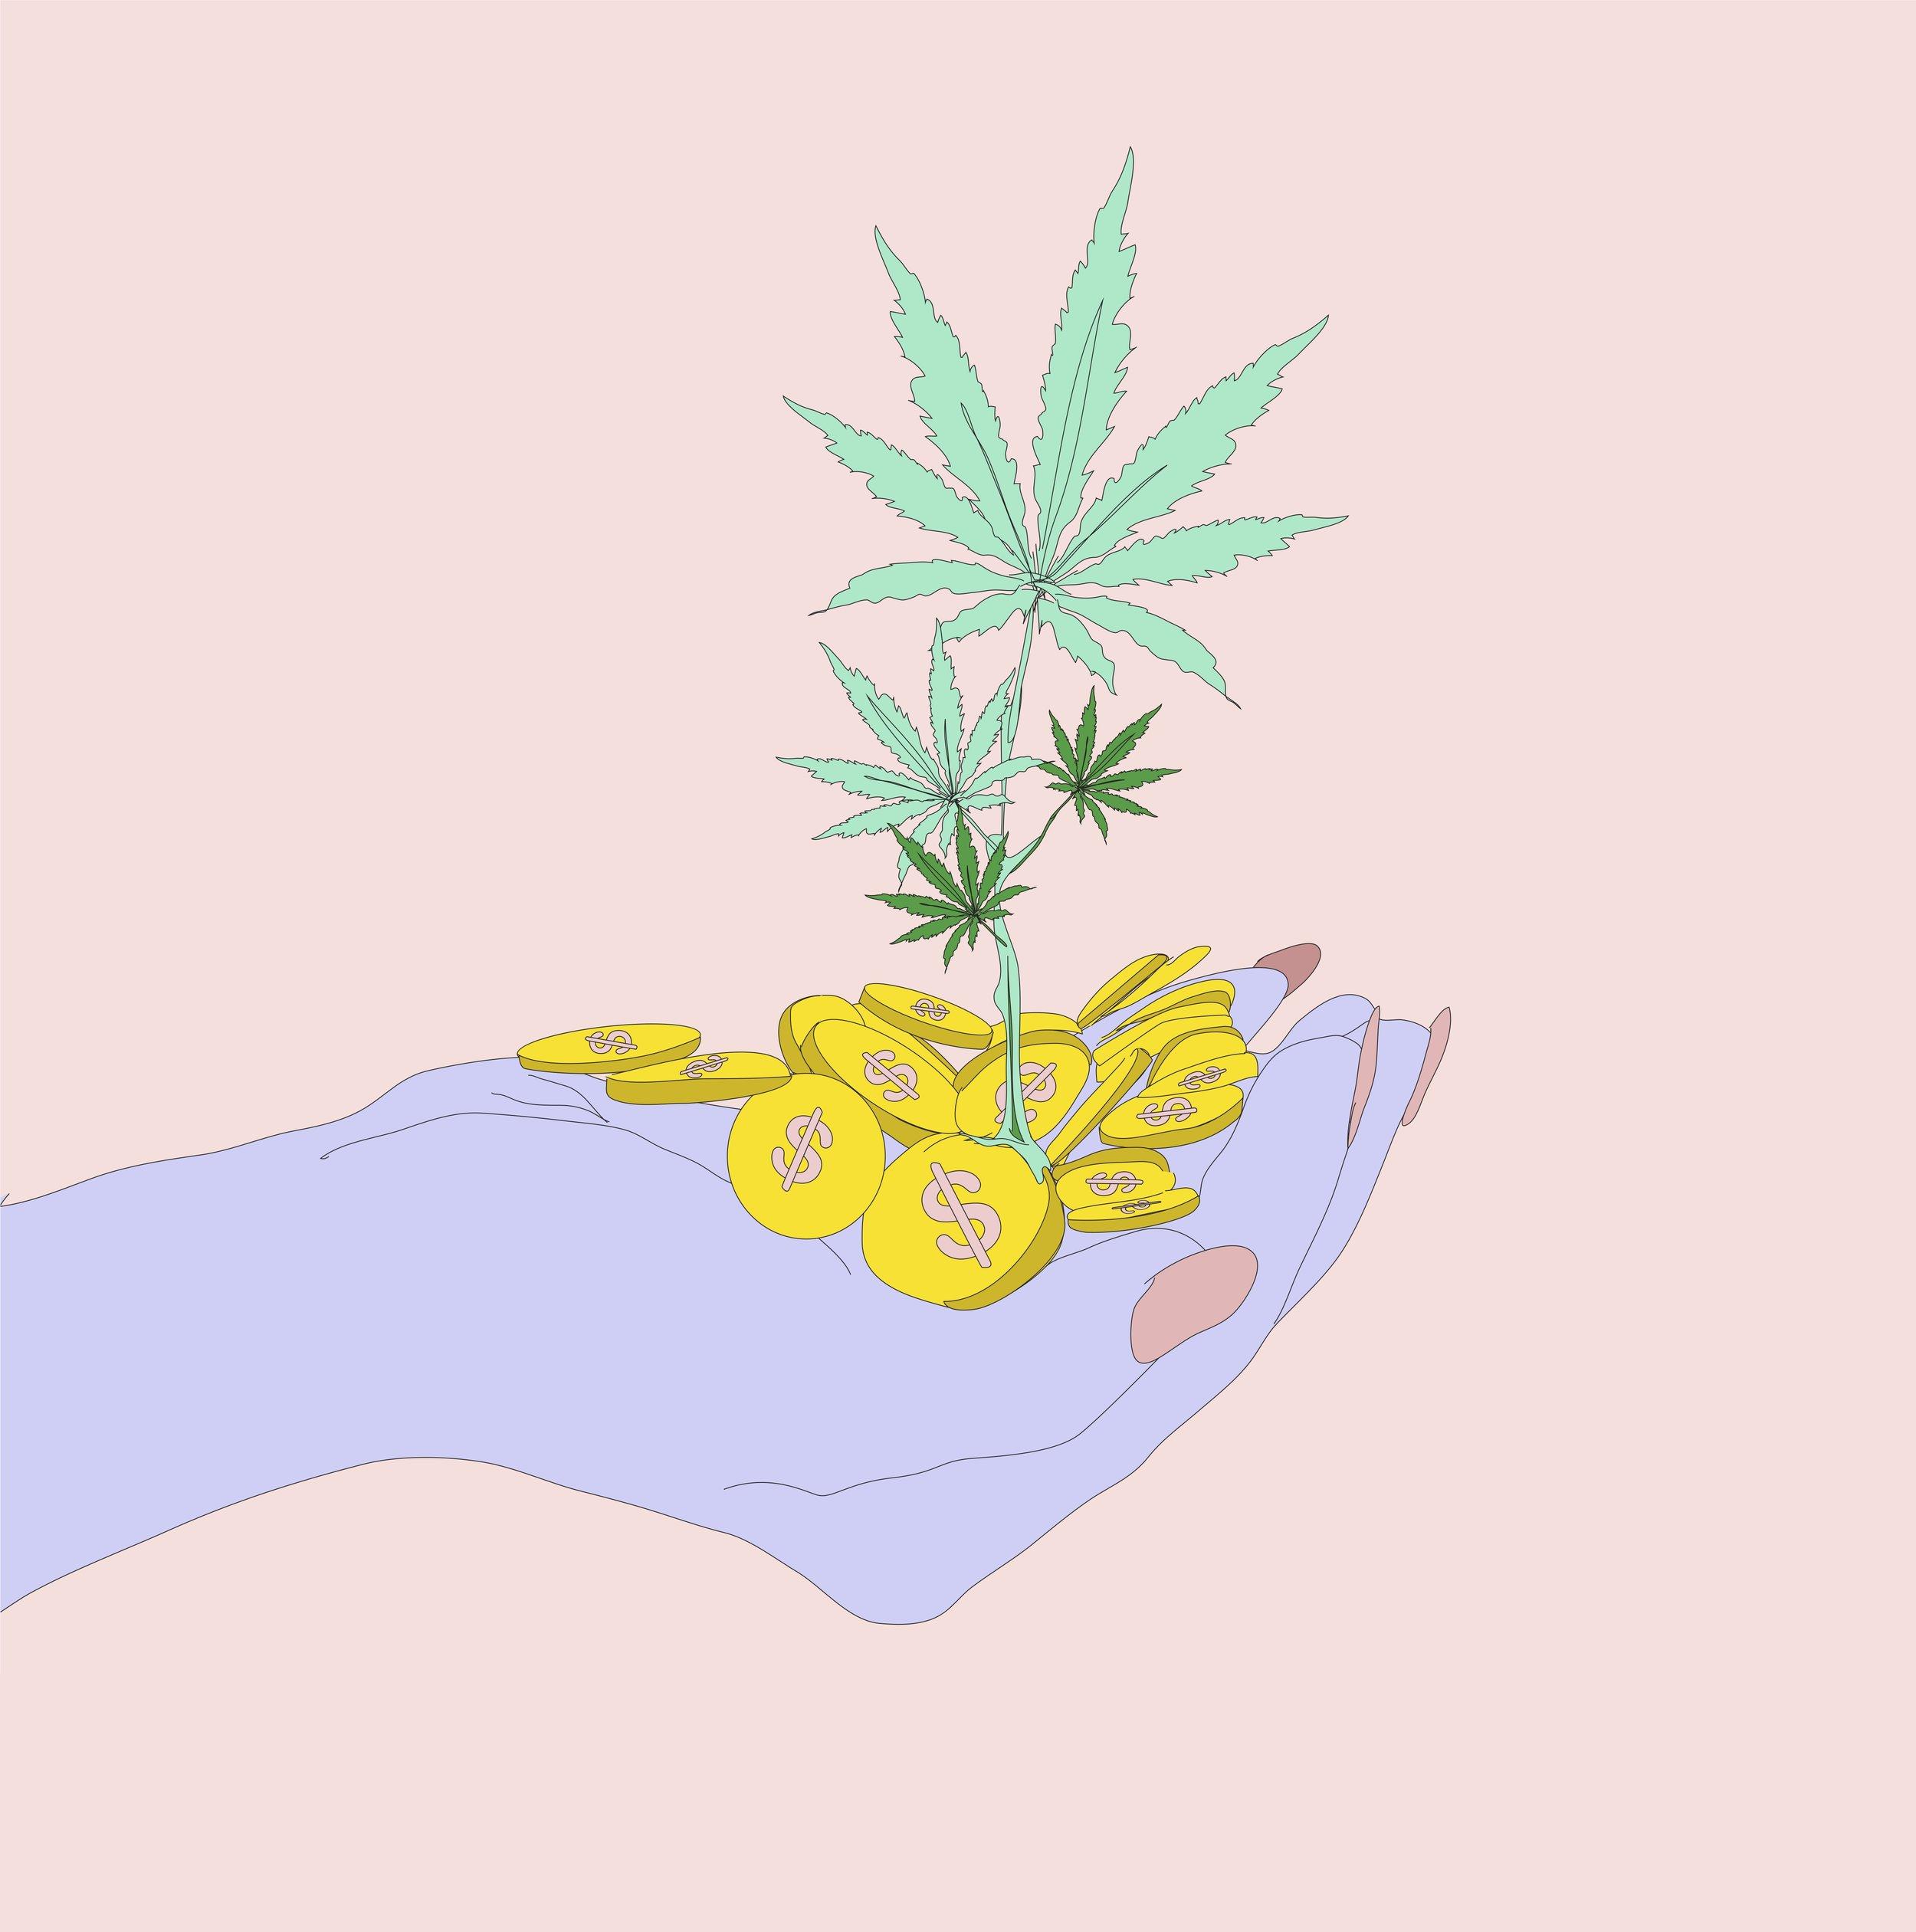 WomanMarijuana copy.jpg